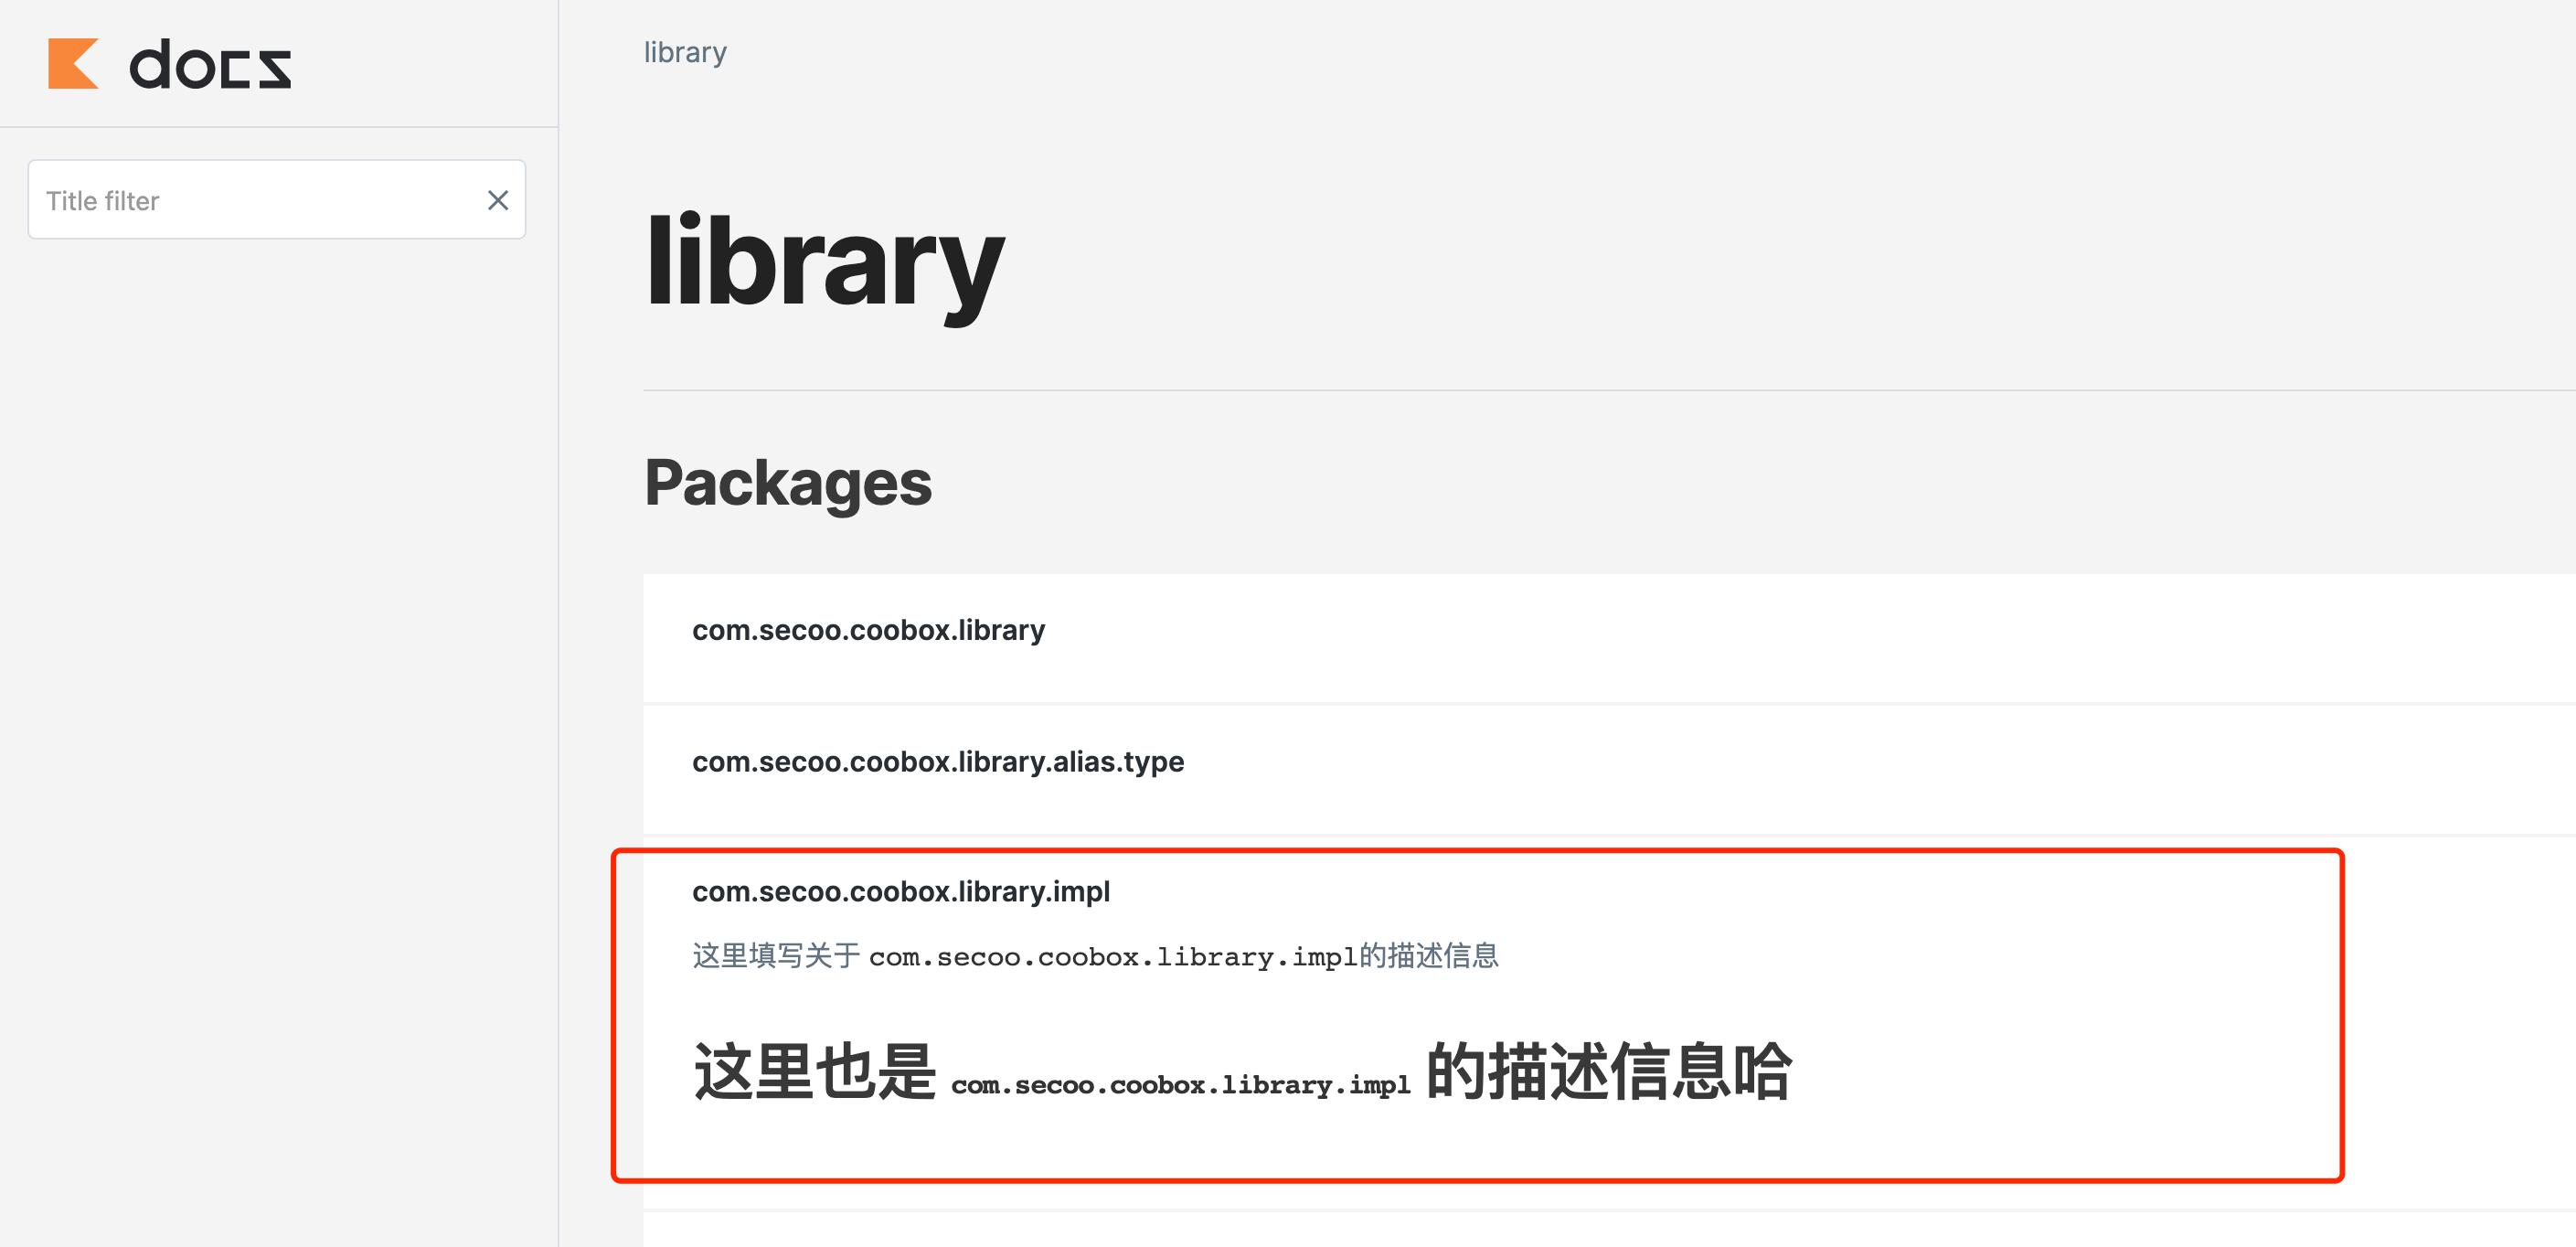 https://asset.droidyue.com/image/2021/03/dokka_package_index_sample.png